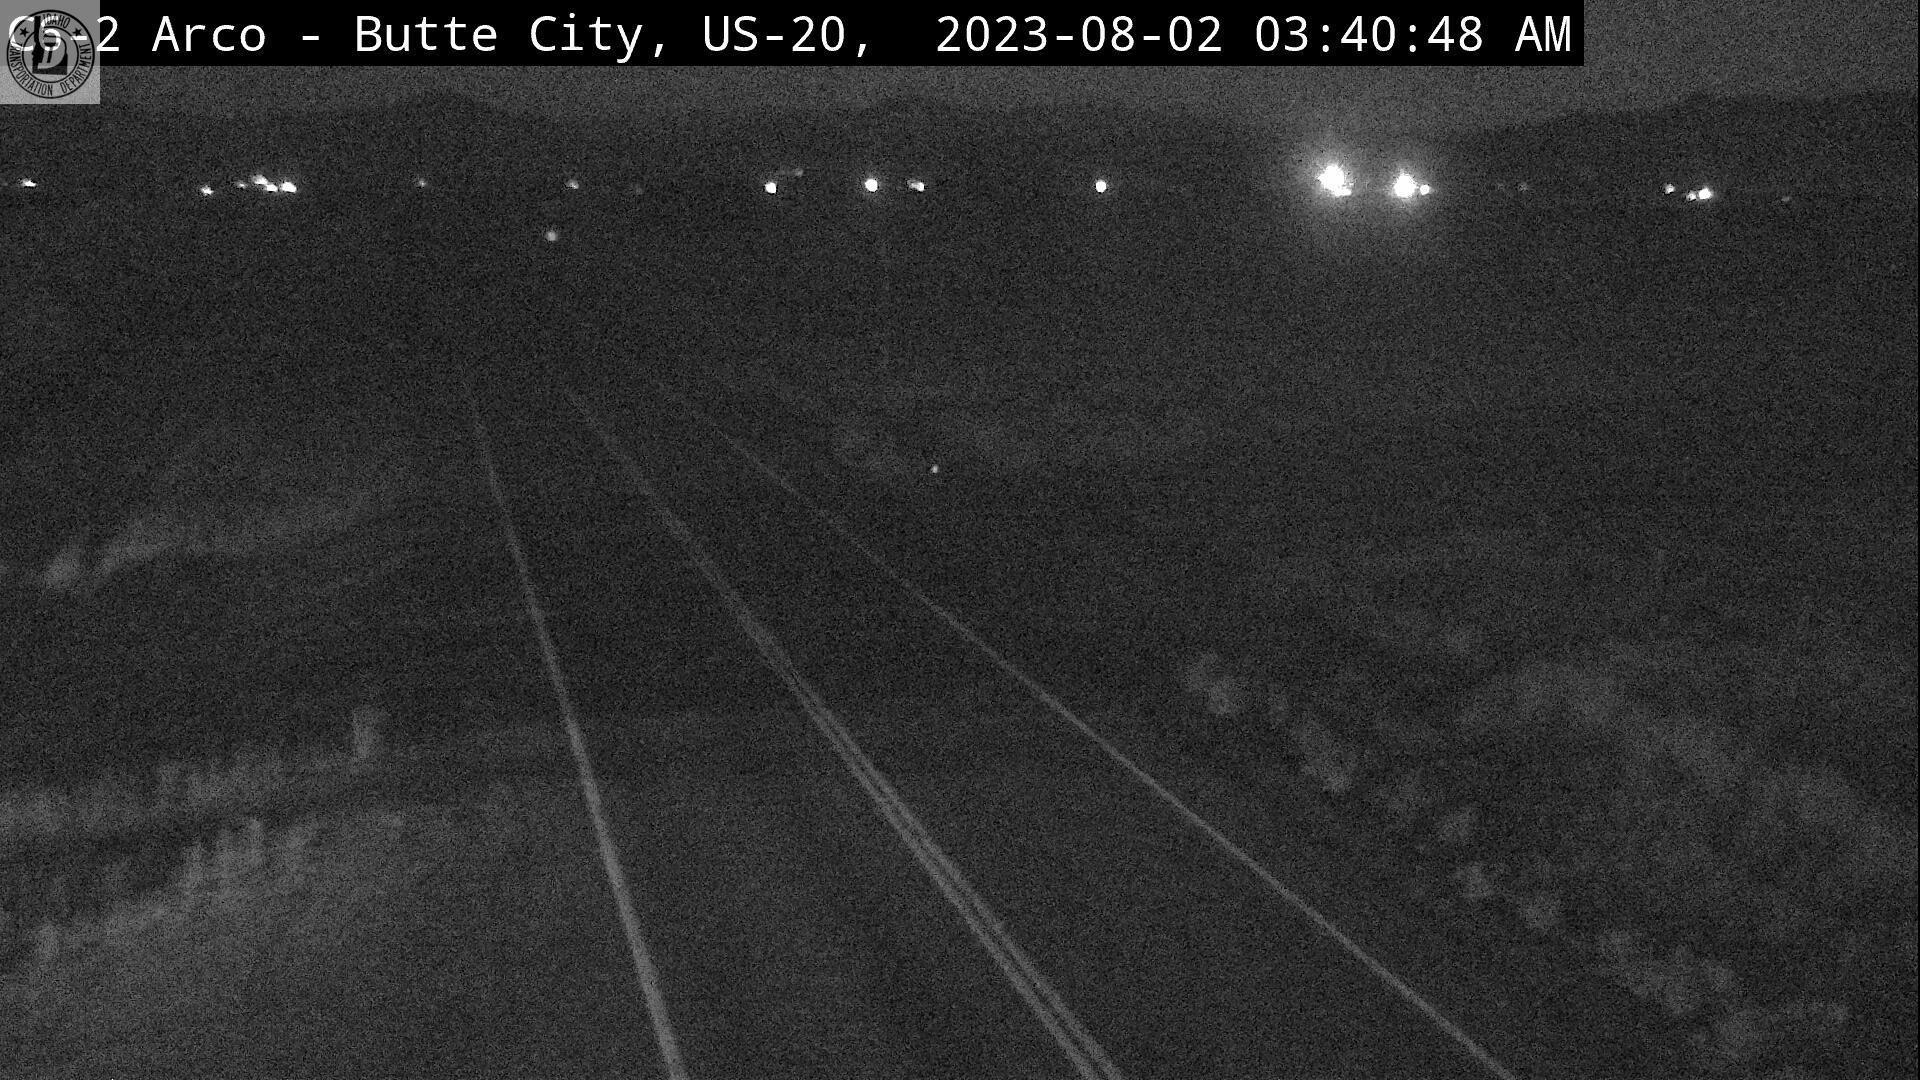 Butte City